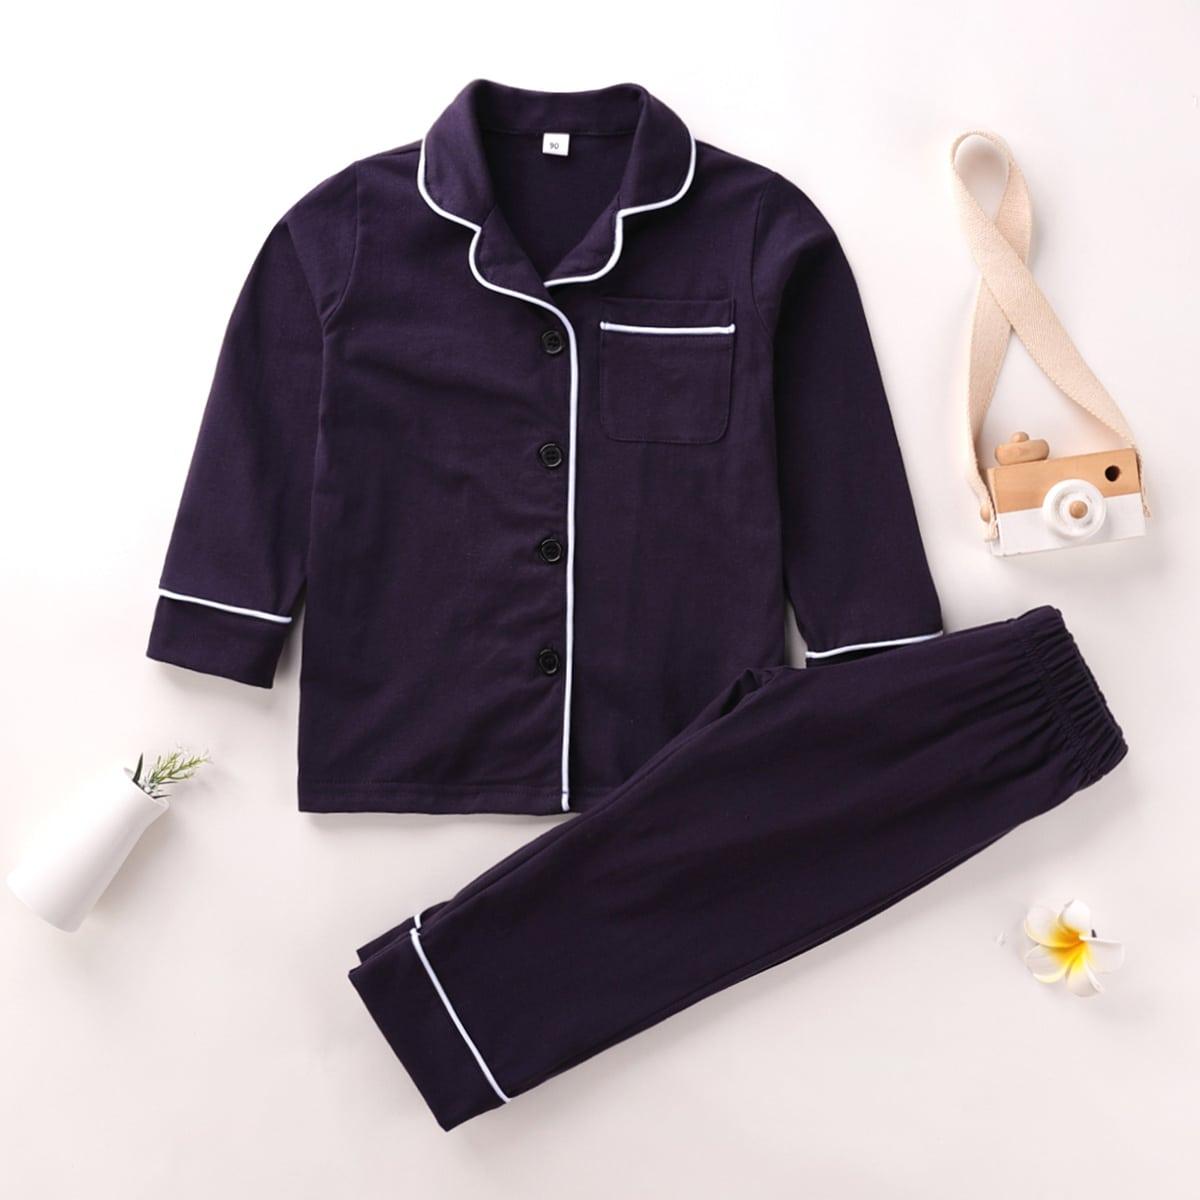 Темно-синий с карманами Повседневный Домашняя одежда для мальчиков